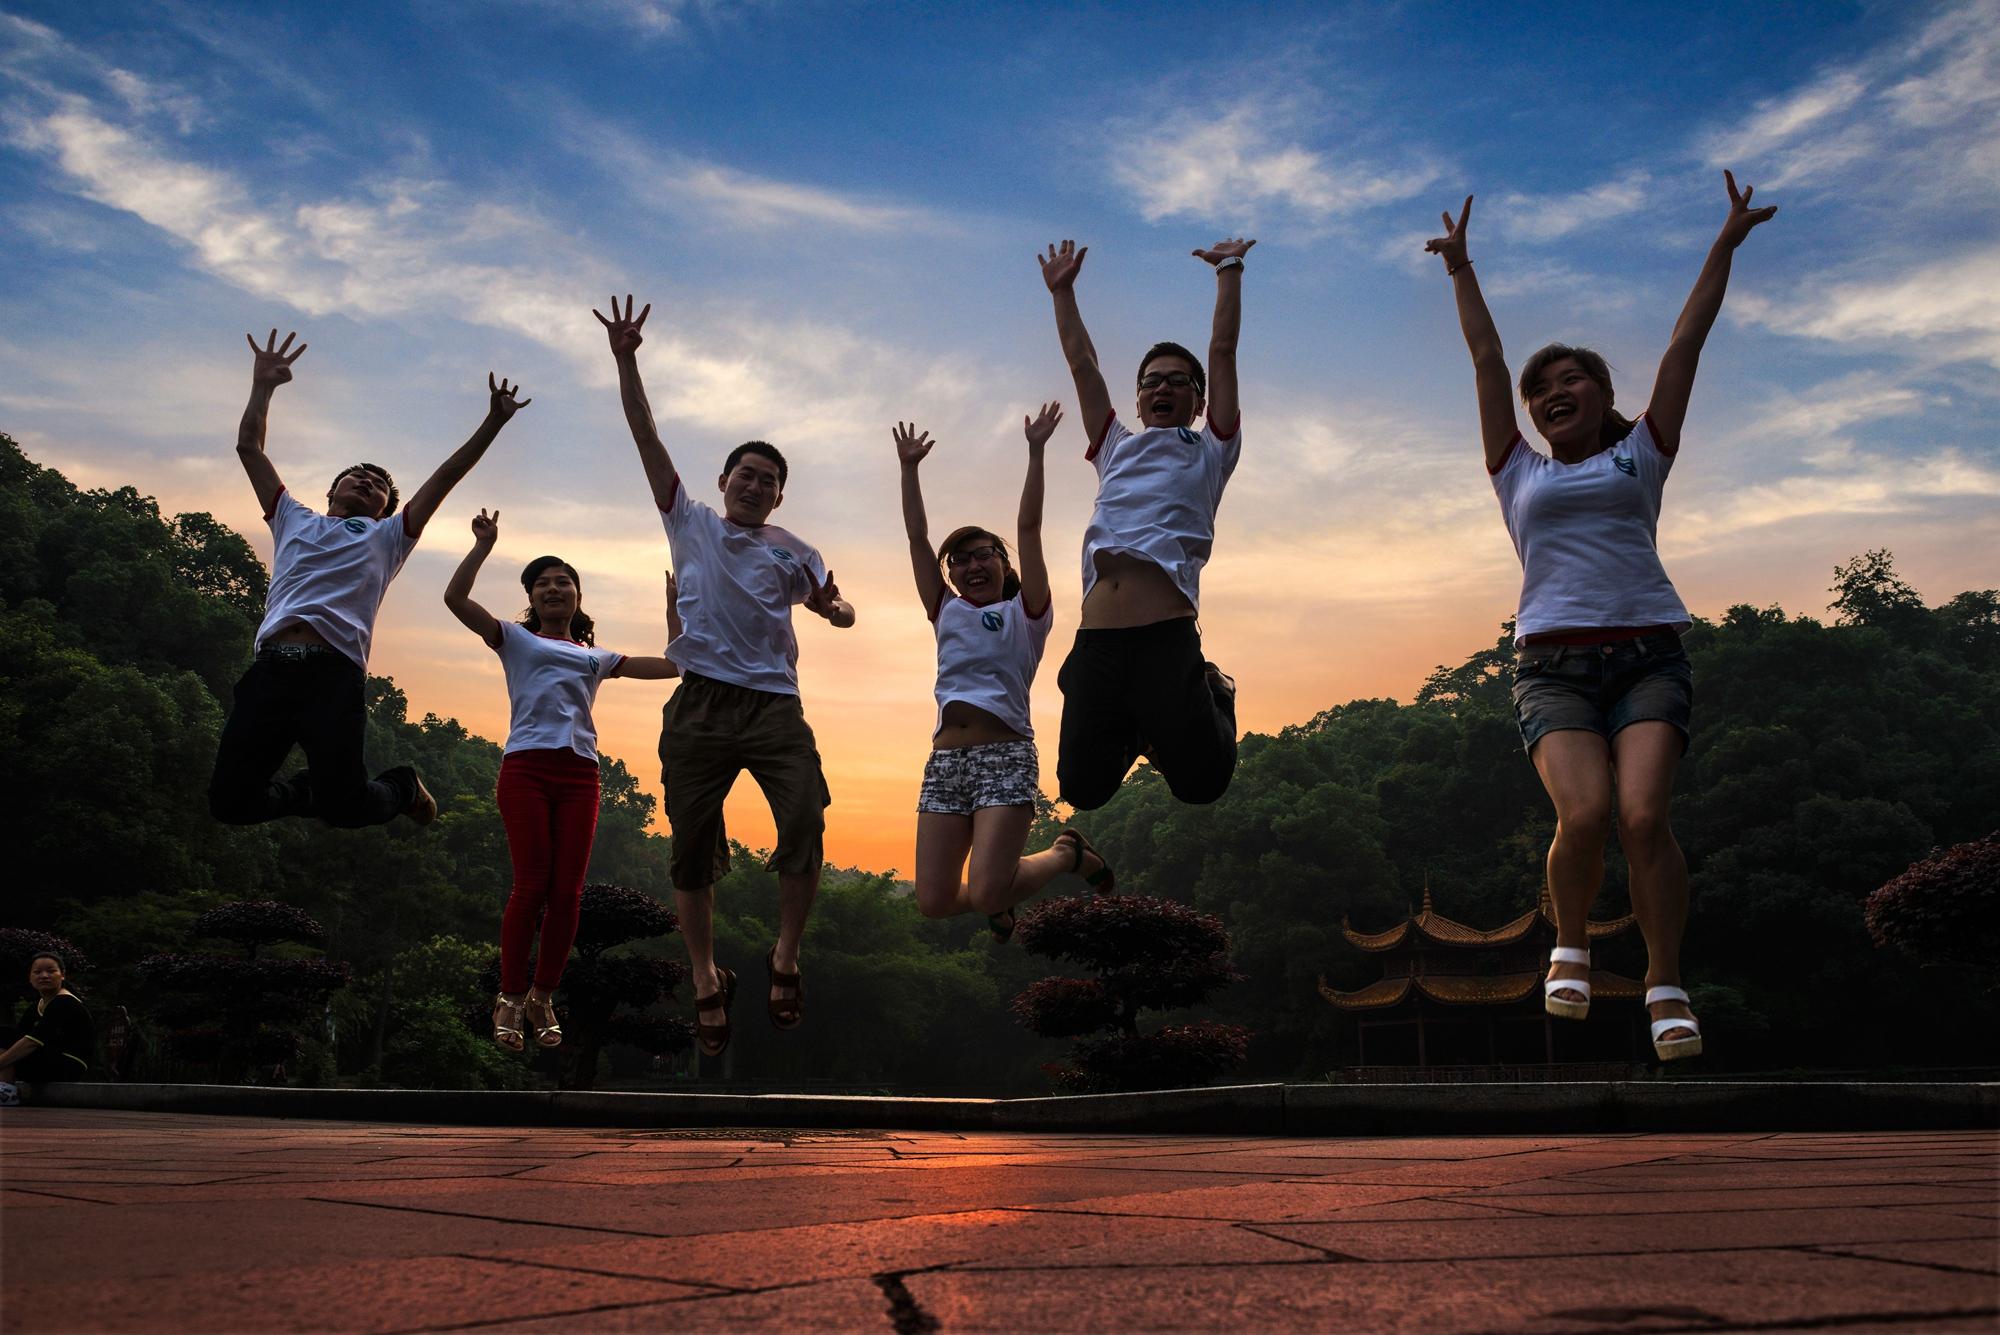 【7号作品:霞映南郊】 夕阳西下,夜幕来临,微风拂面,南郊公园健身、休闲,心旷而神怡。